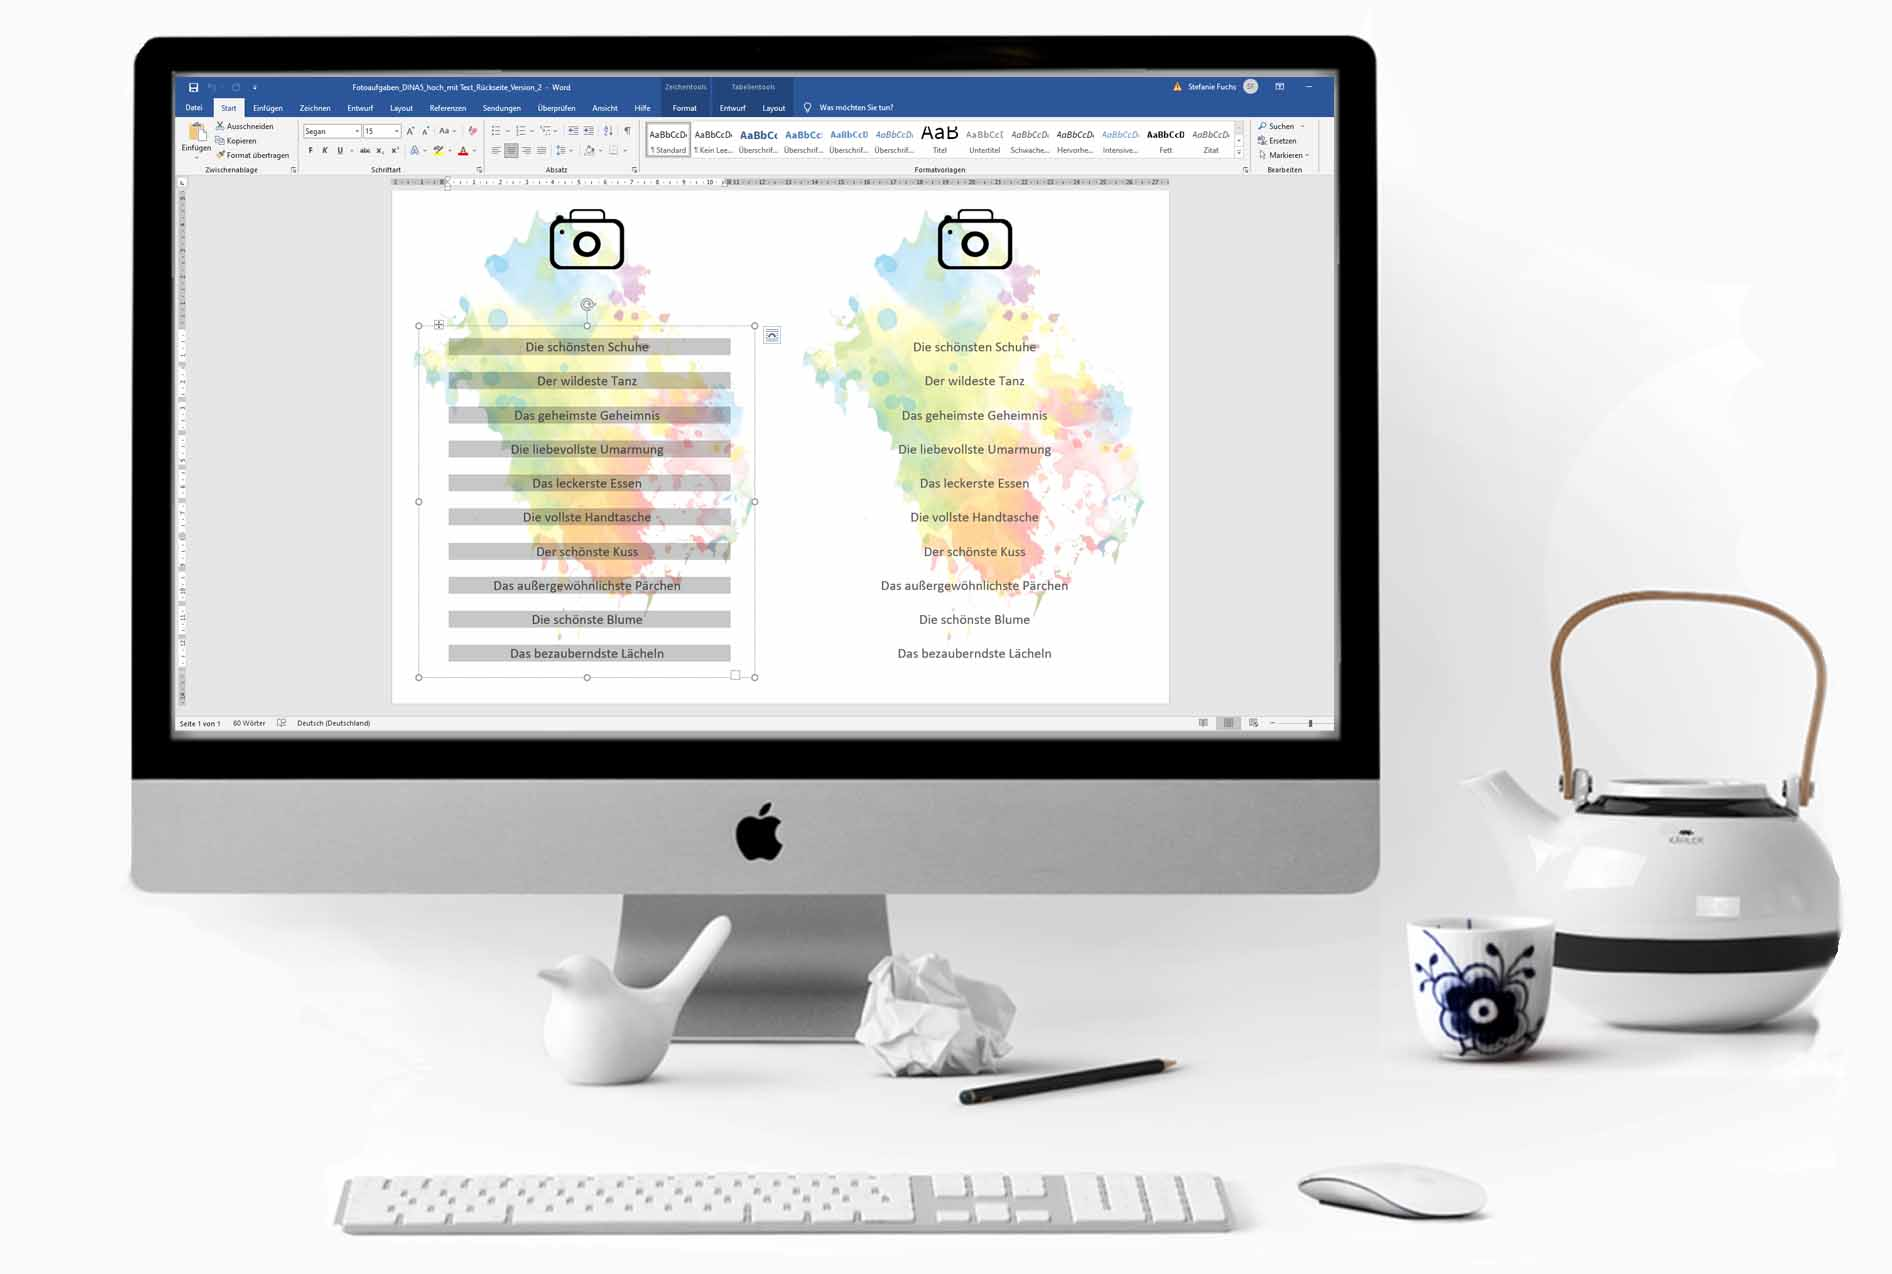 Druckvorlagen für Microsoft Word